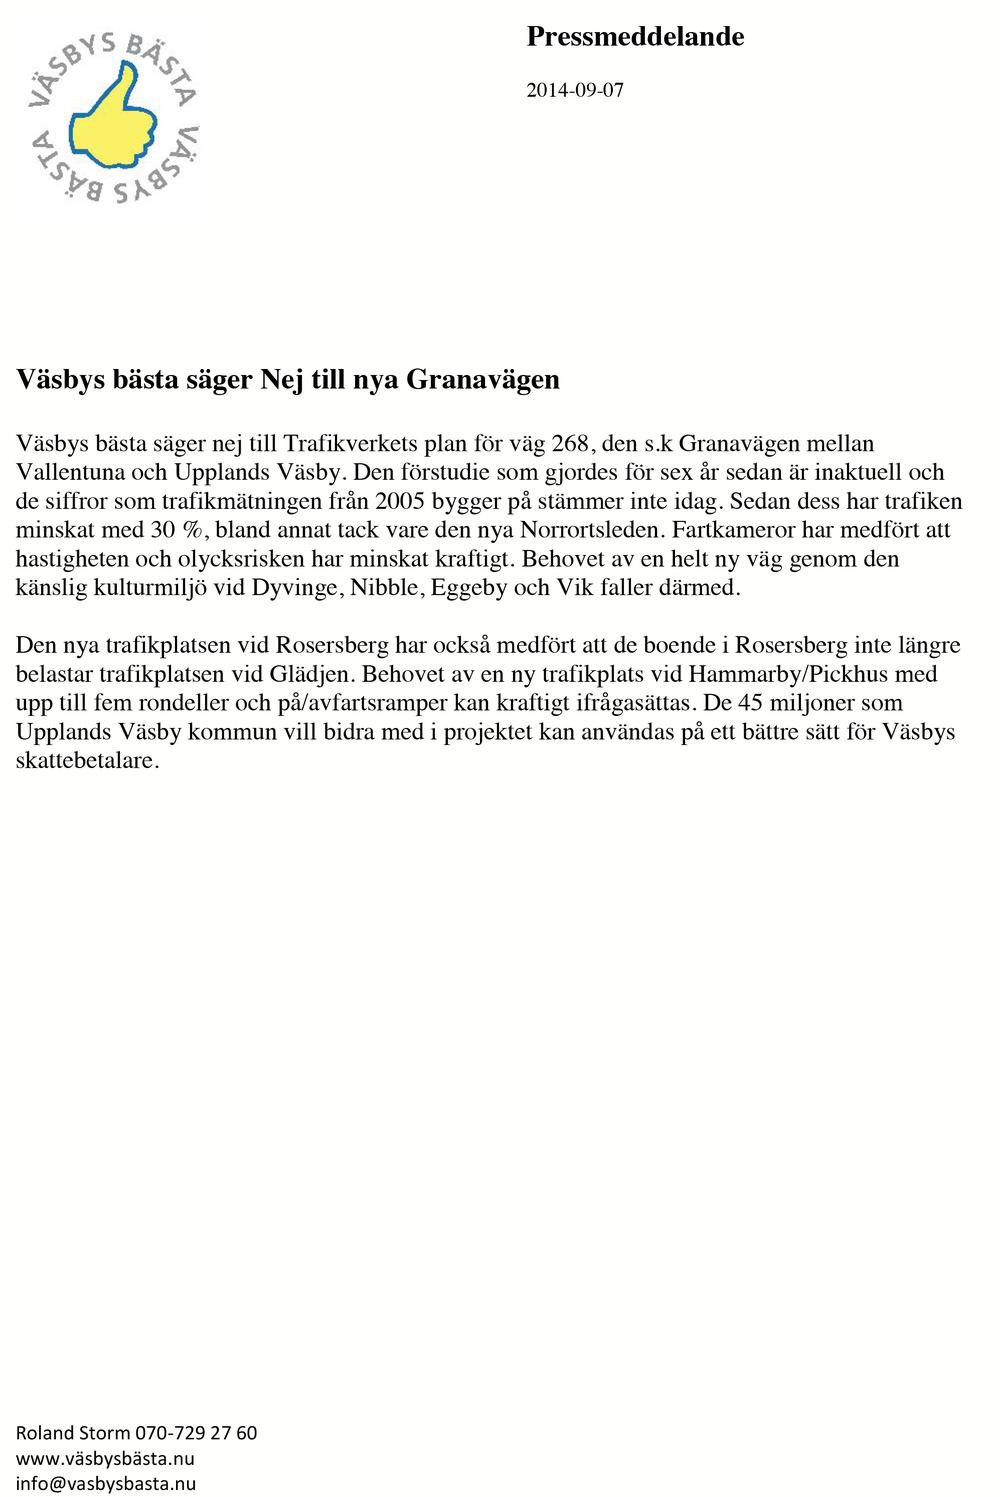 2014-09-07 Pressmeddelande Nej till nya Granavägen.doc kopiera.png